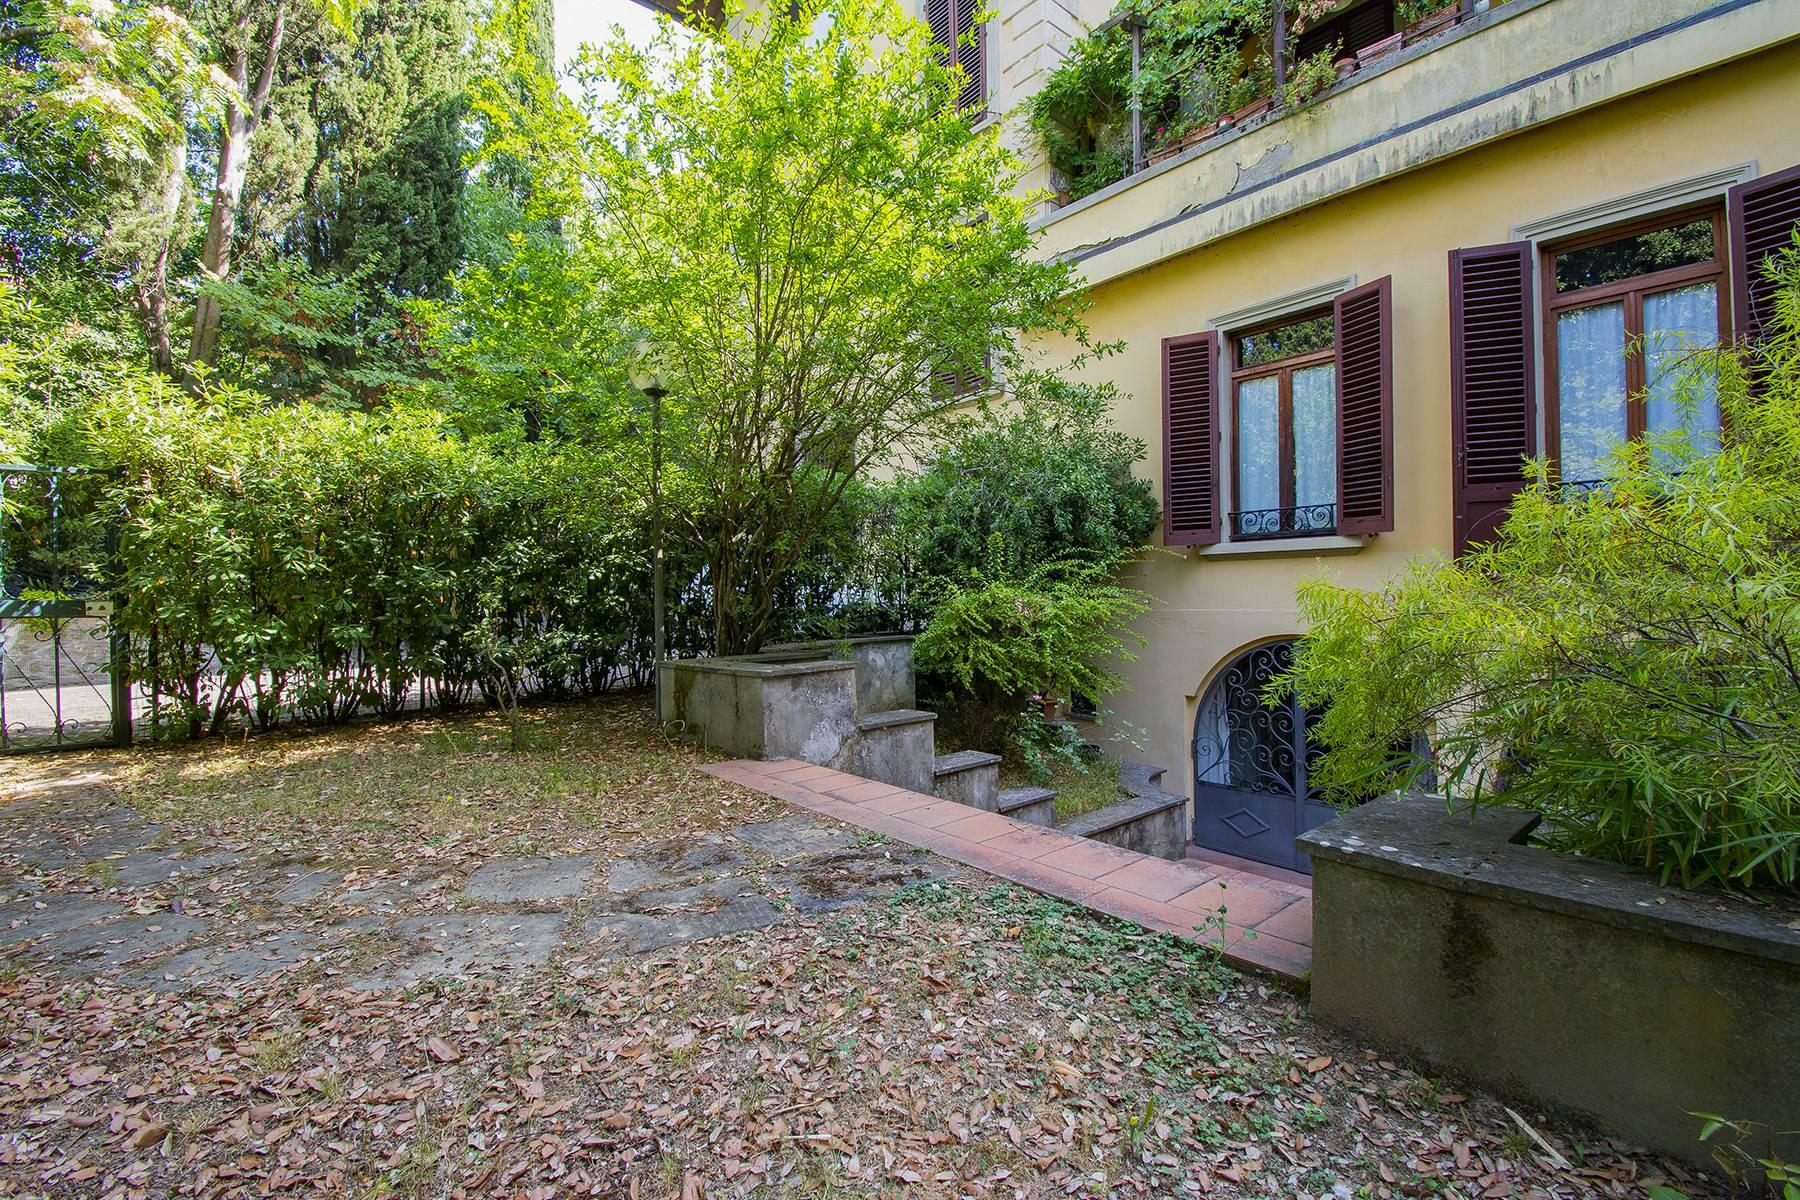 Exquisite apartment in a historic villa - 20